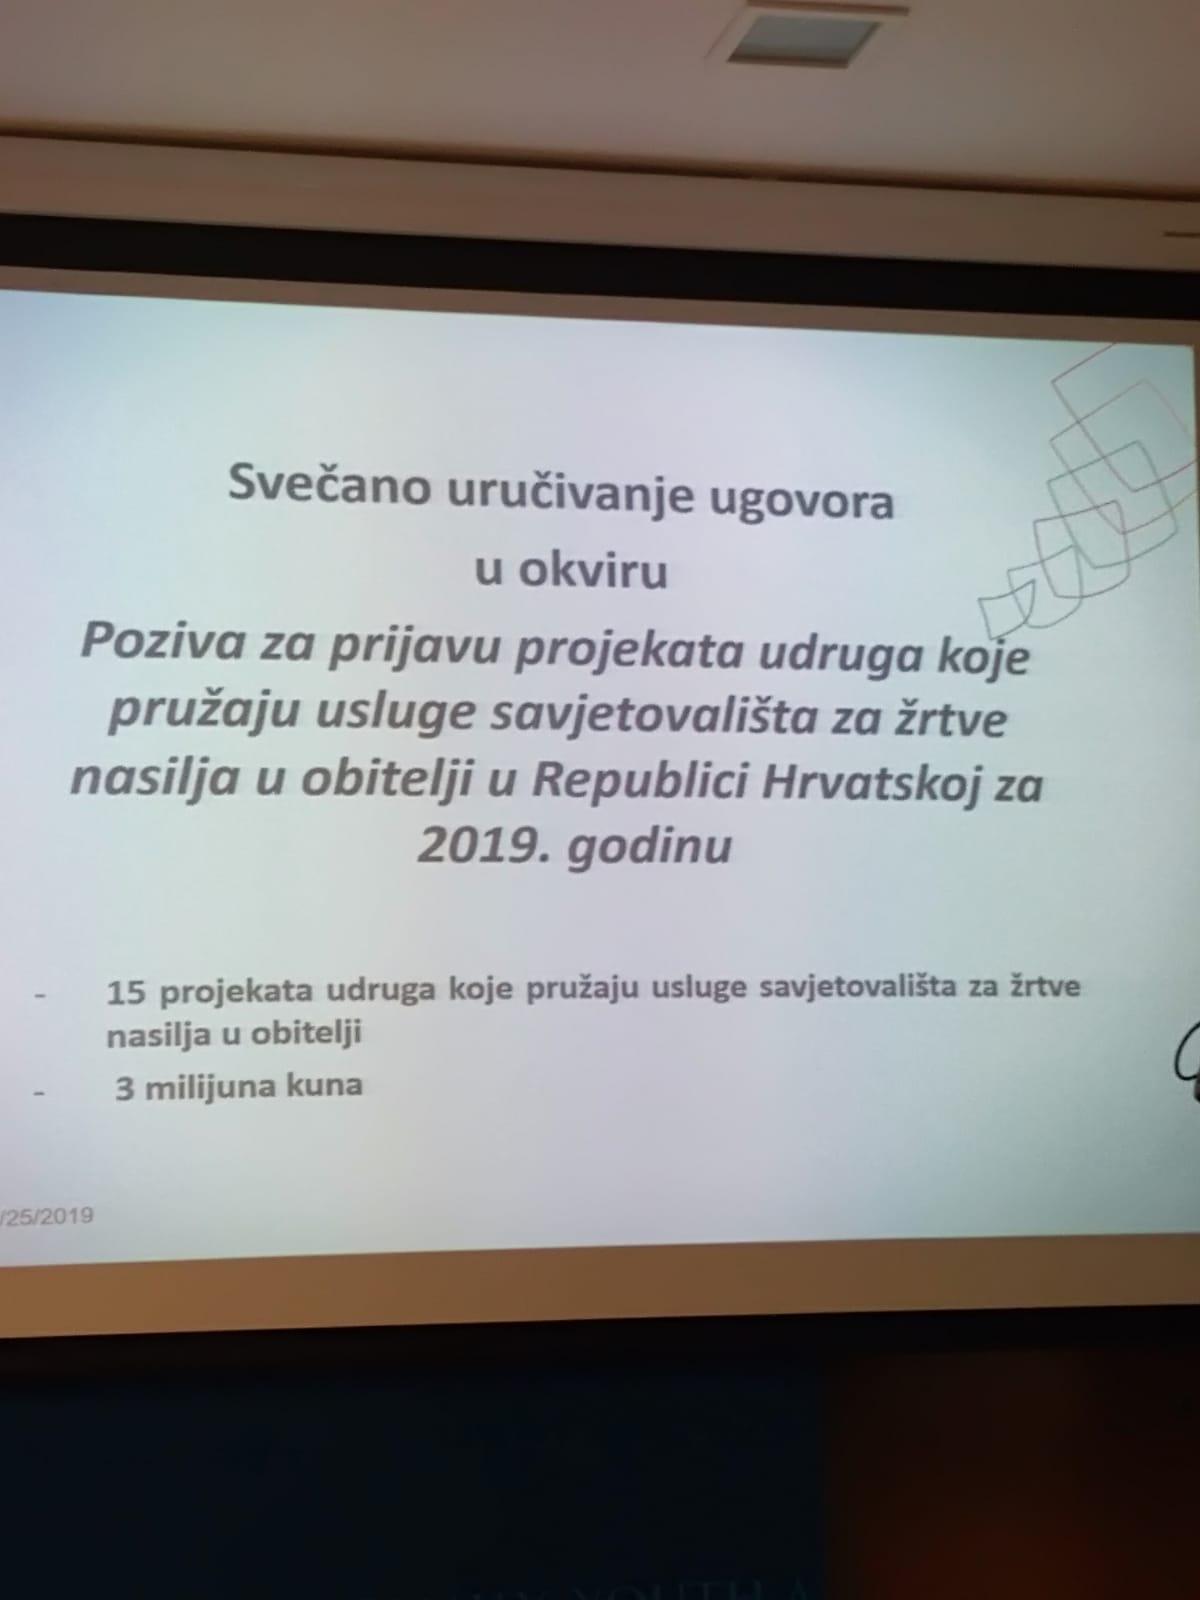 """Udruga ZvoniMir u Ministarstvu za demografiju, obitelj, mlade i socijalnu politiku potpisala je ugovor za projekt """"Korak hrabrosti"""""""